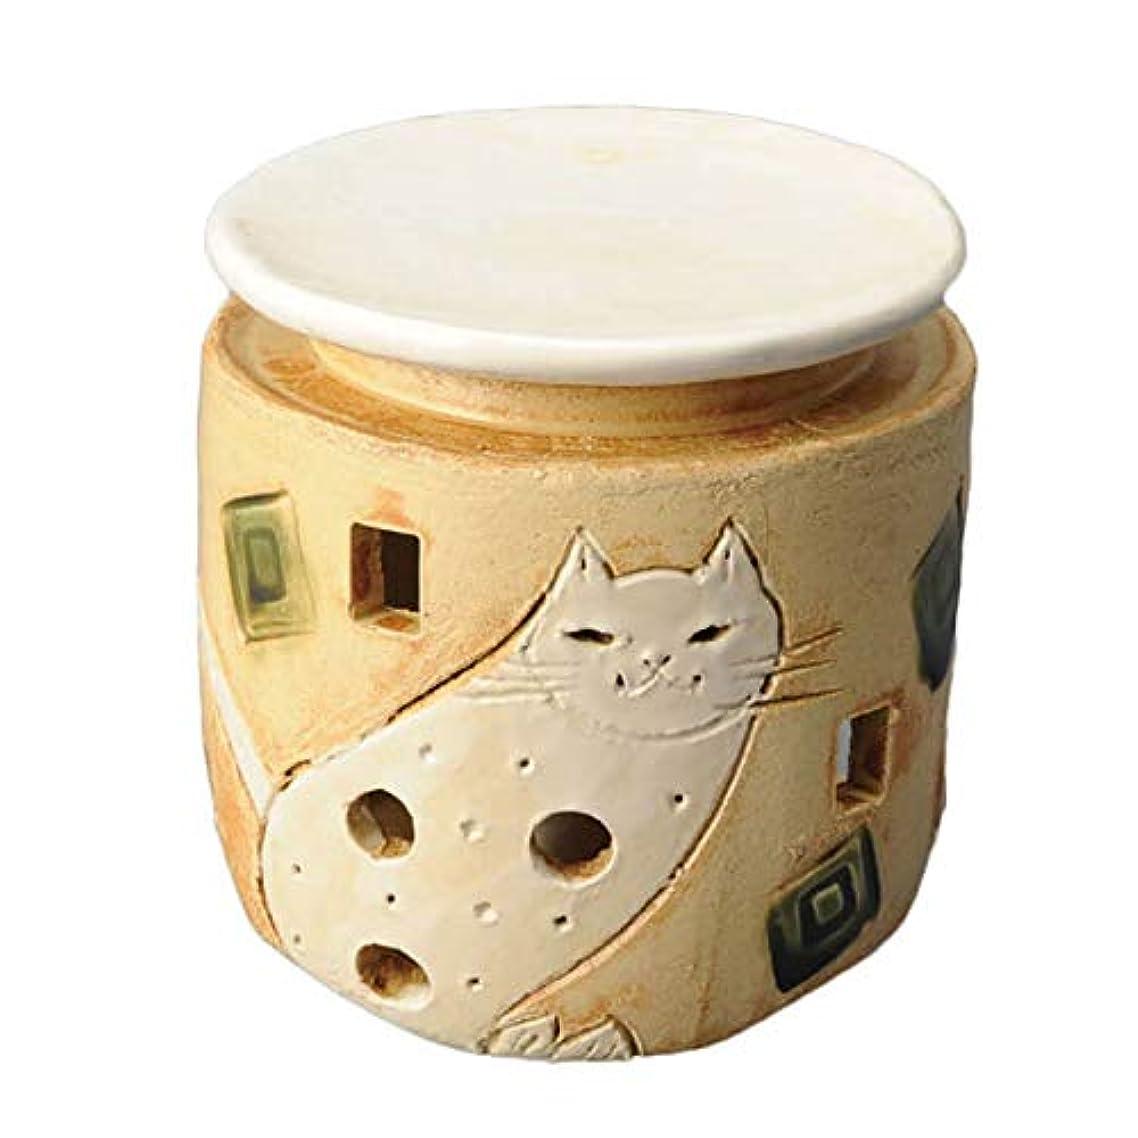 補充多様なマラソン手造り 茶香炉/白猫 茶香炉/アロマ 癒やし リラックス インテリア 間接照明